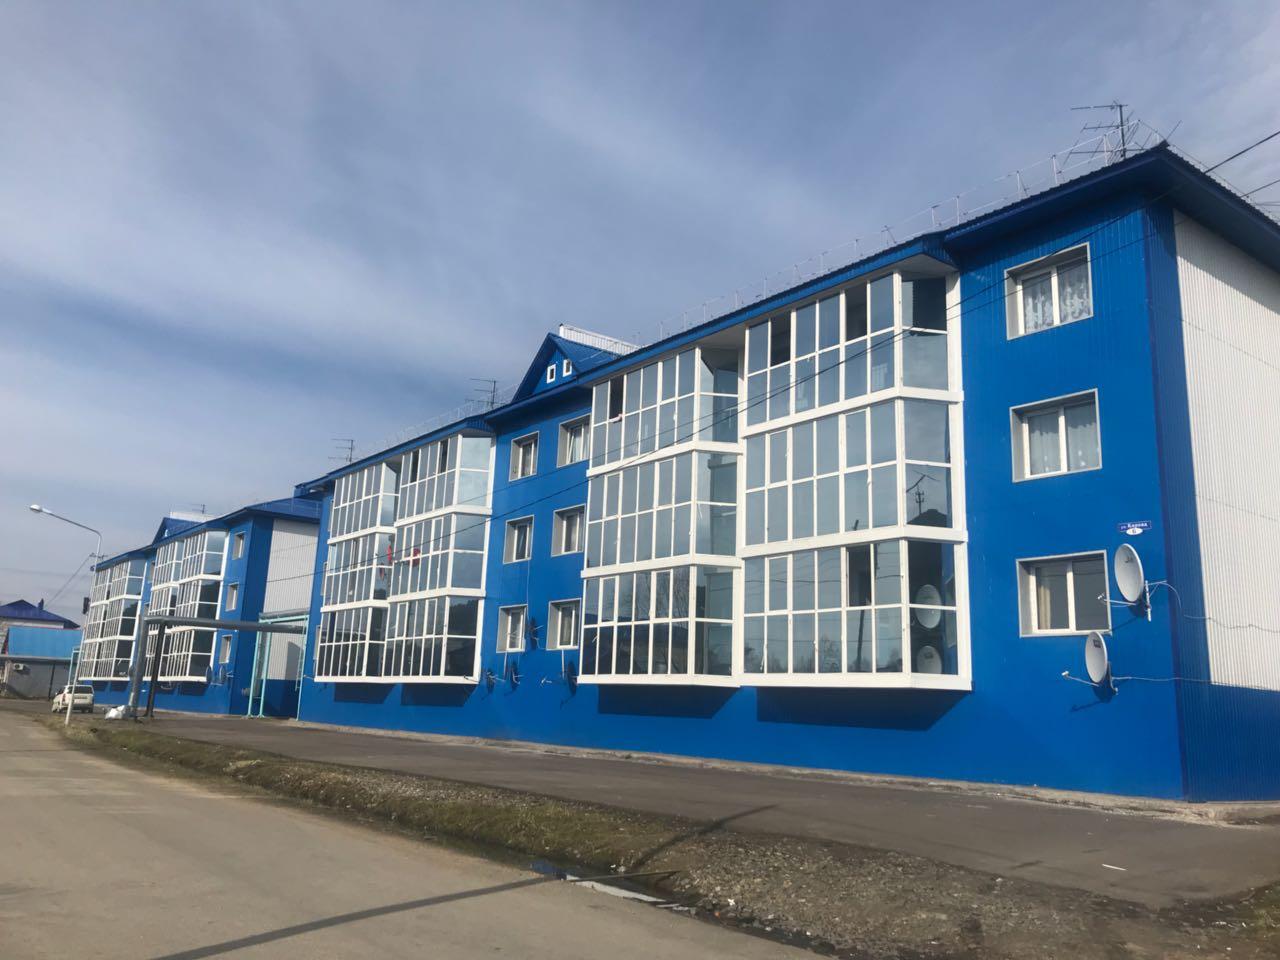 ООО «Ассоциация строителей АЯМ» готовится к реализации программы переселения из ветхого и аварийного жилья